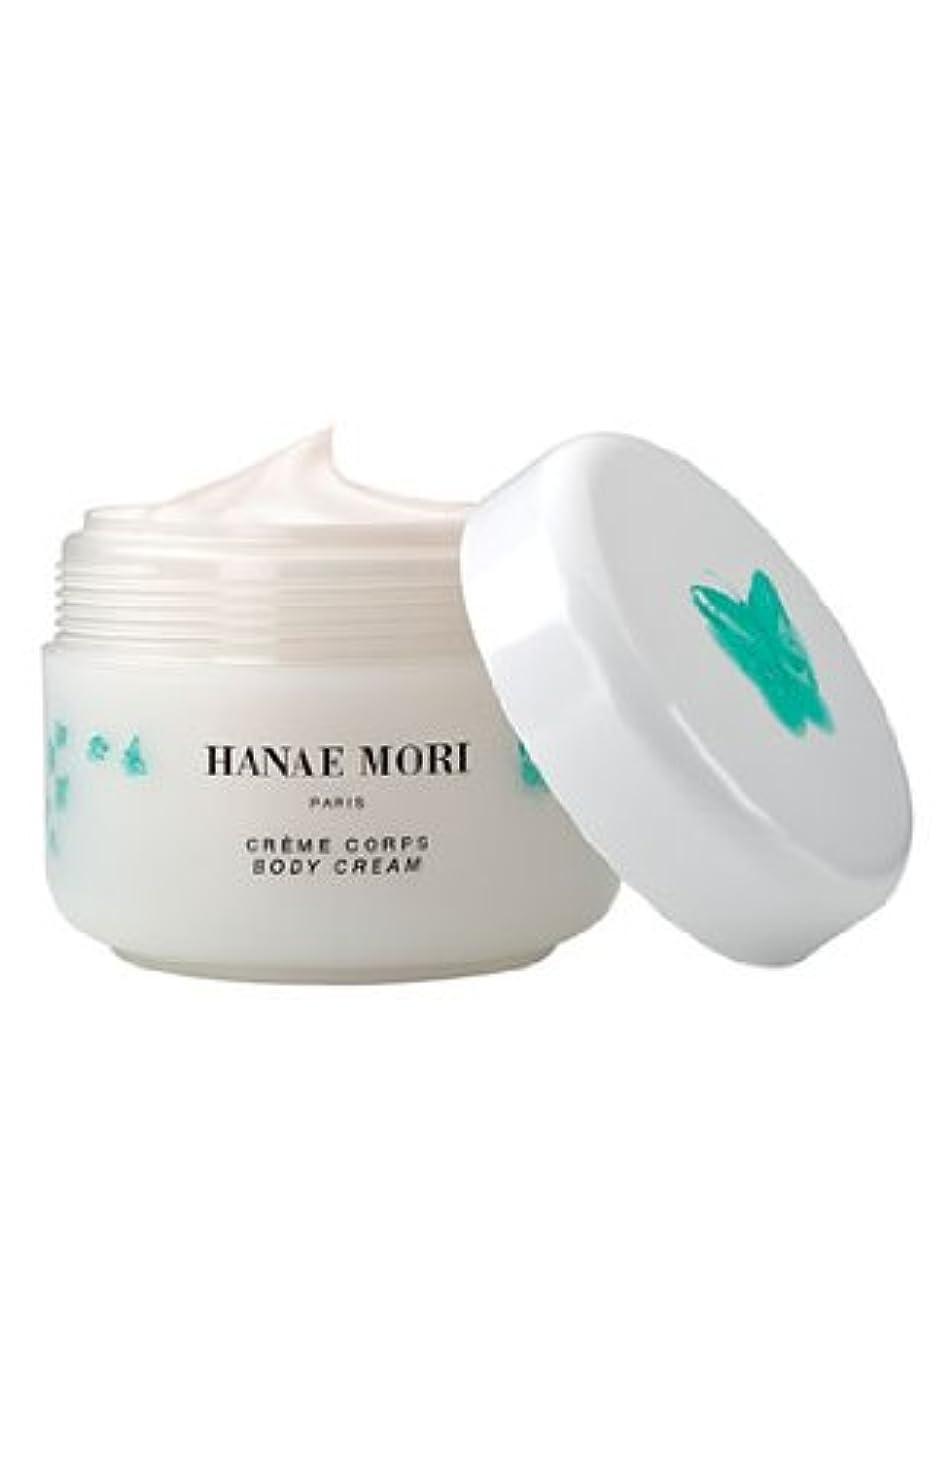 蒸発スパイラル言い直すHanae Mori 'Butterfly' (ハナエ モリ バタフライ) 8.4 oz (252ml) Body Cream for Women